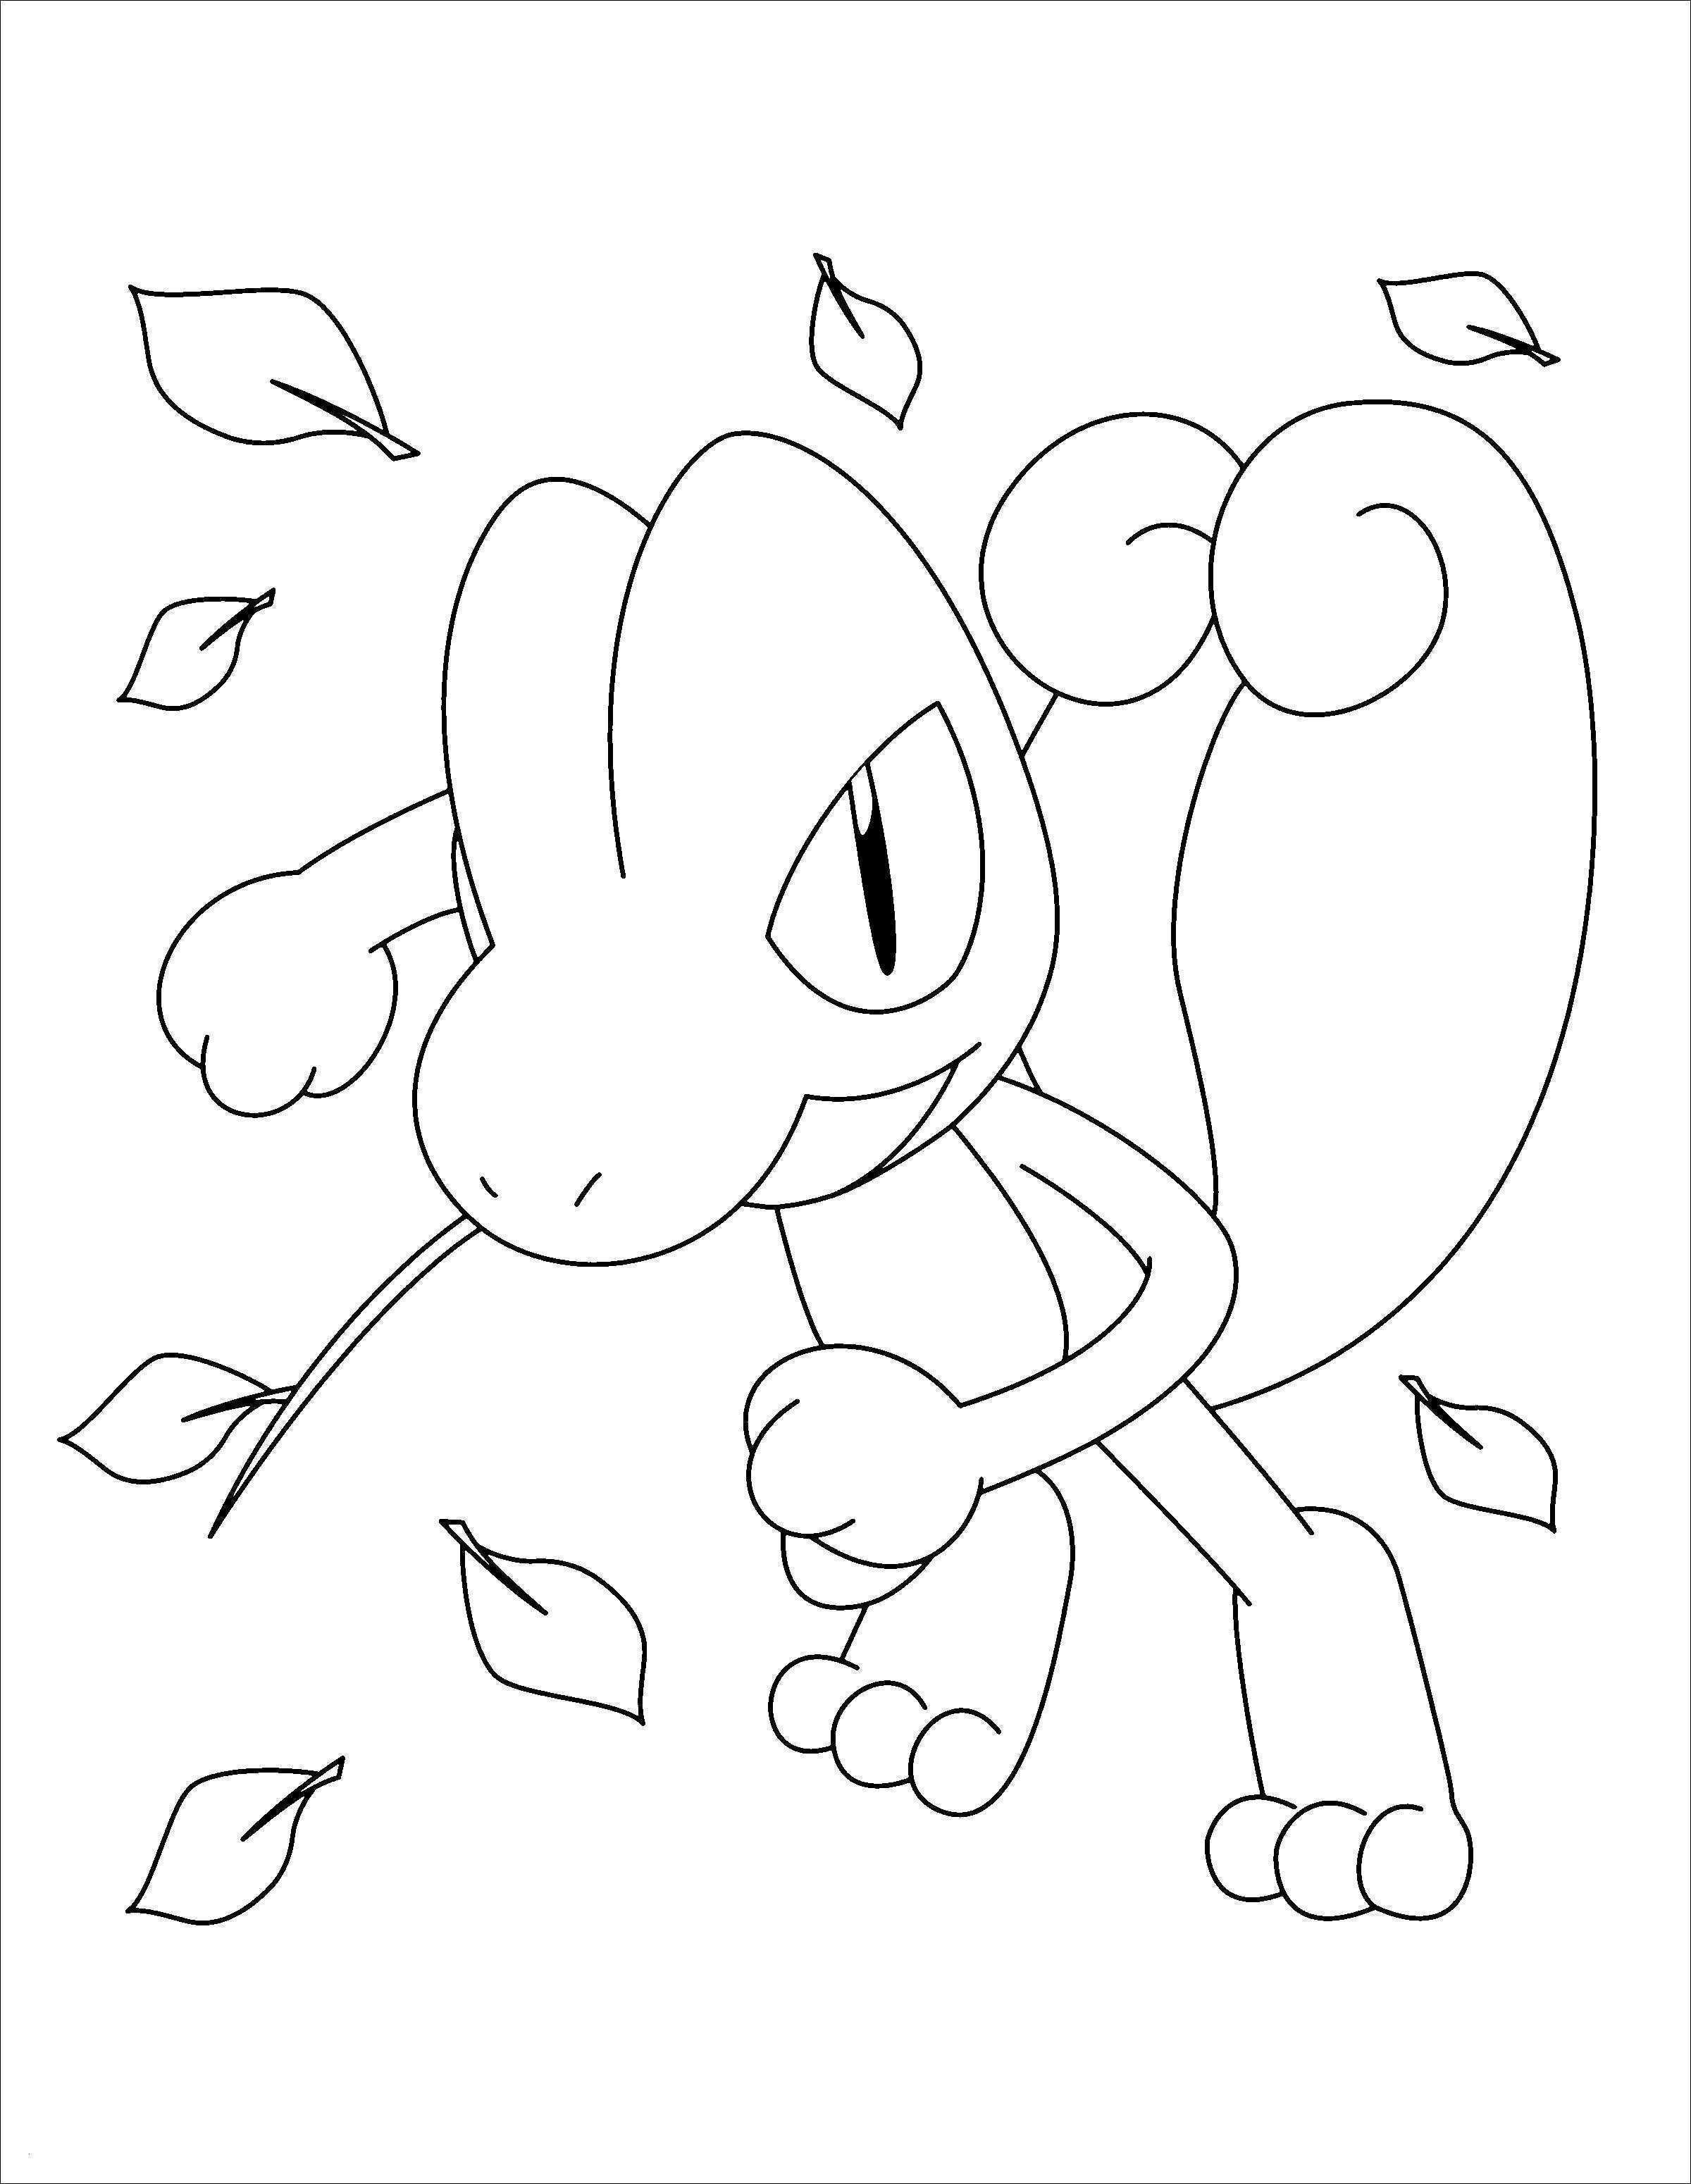 Pokemon Bilder Zum Ausmalen Frisch Feuerwehr Ausmalbilder Zum Ausdrucken Gemälde Pokemon Malvorlagen Galerie